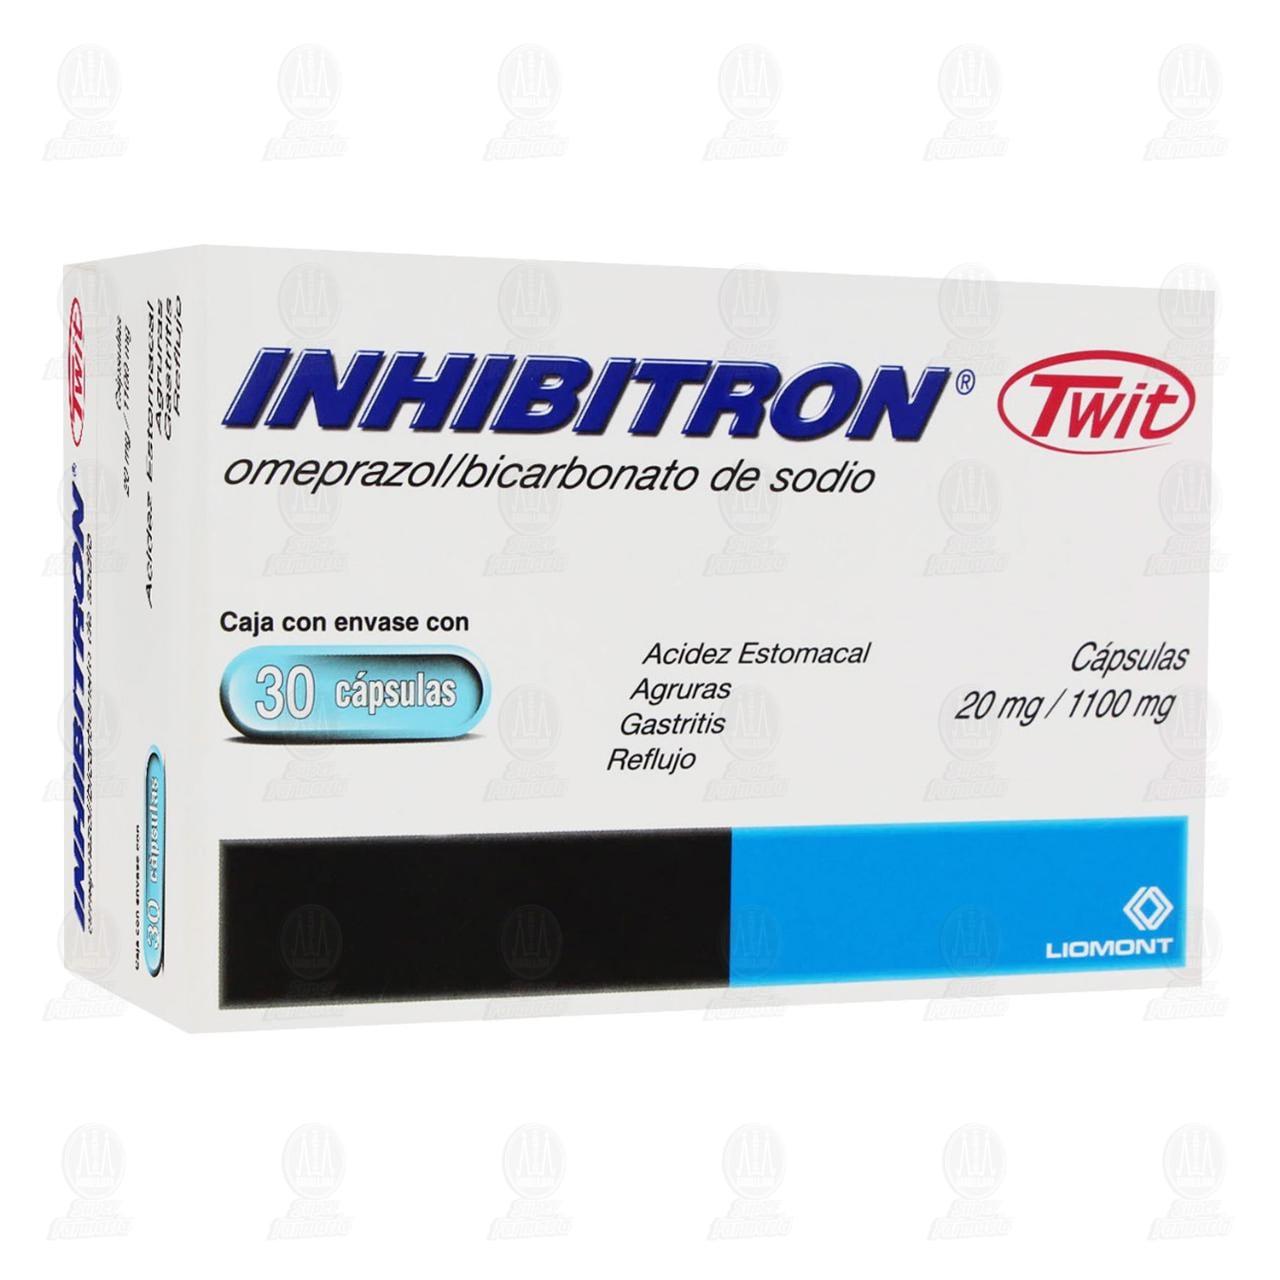 Inhibitron Twit 20mg/1100mg 30 Cápsulas